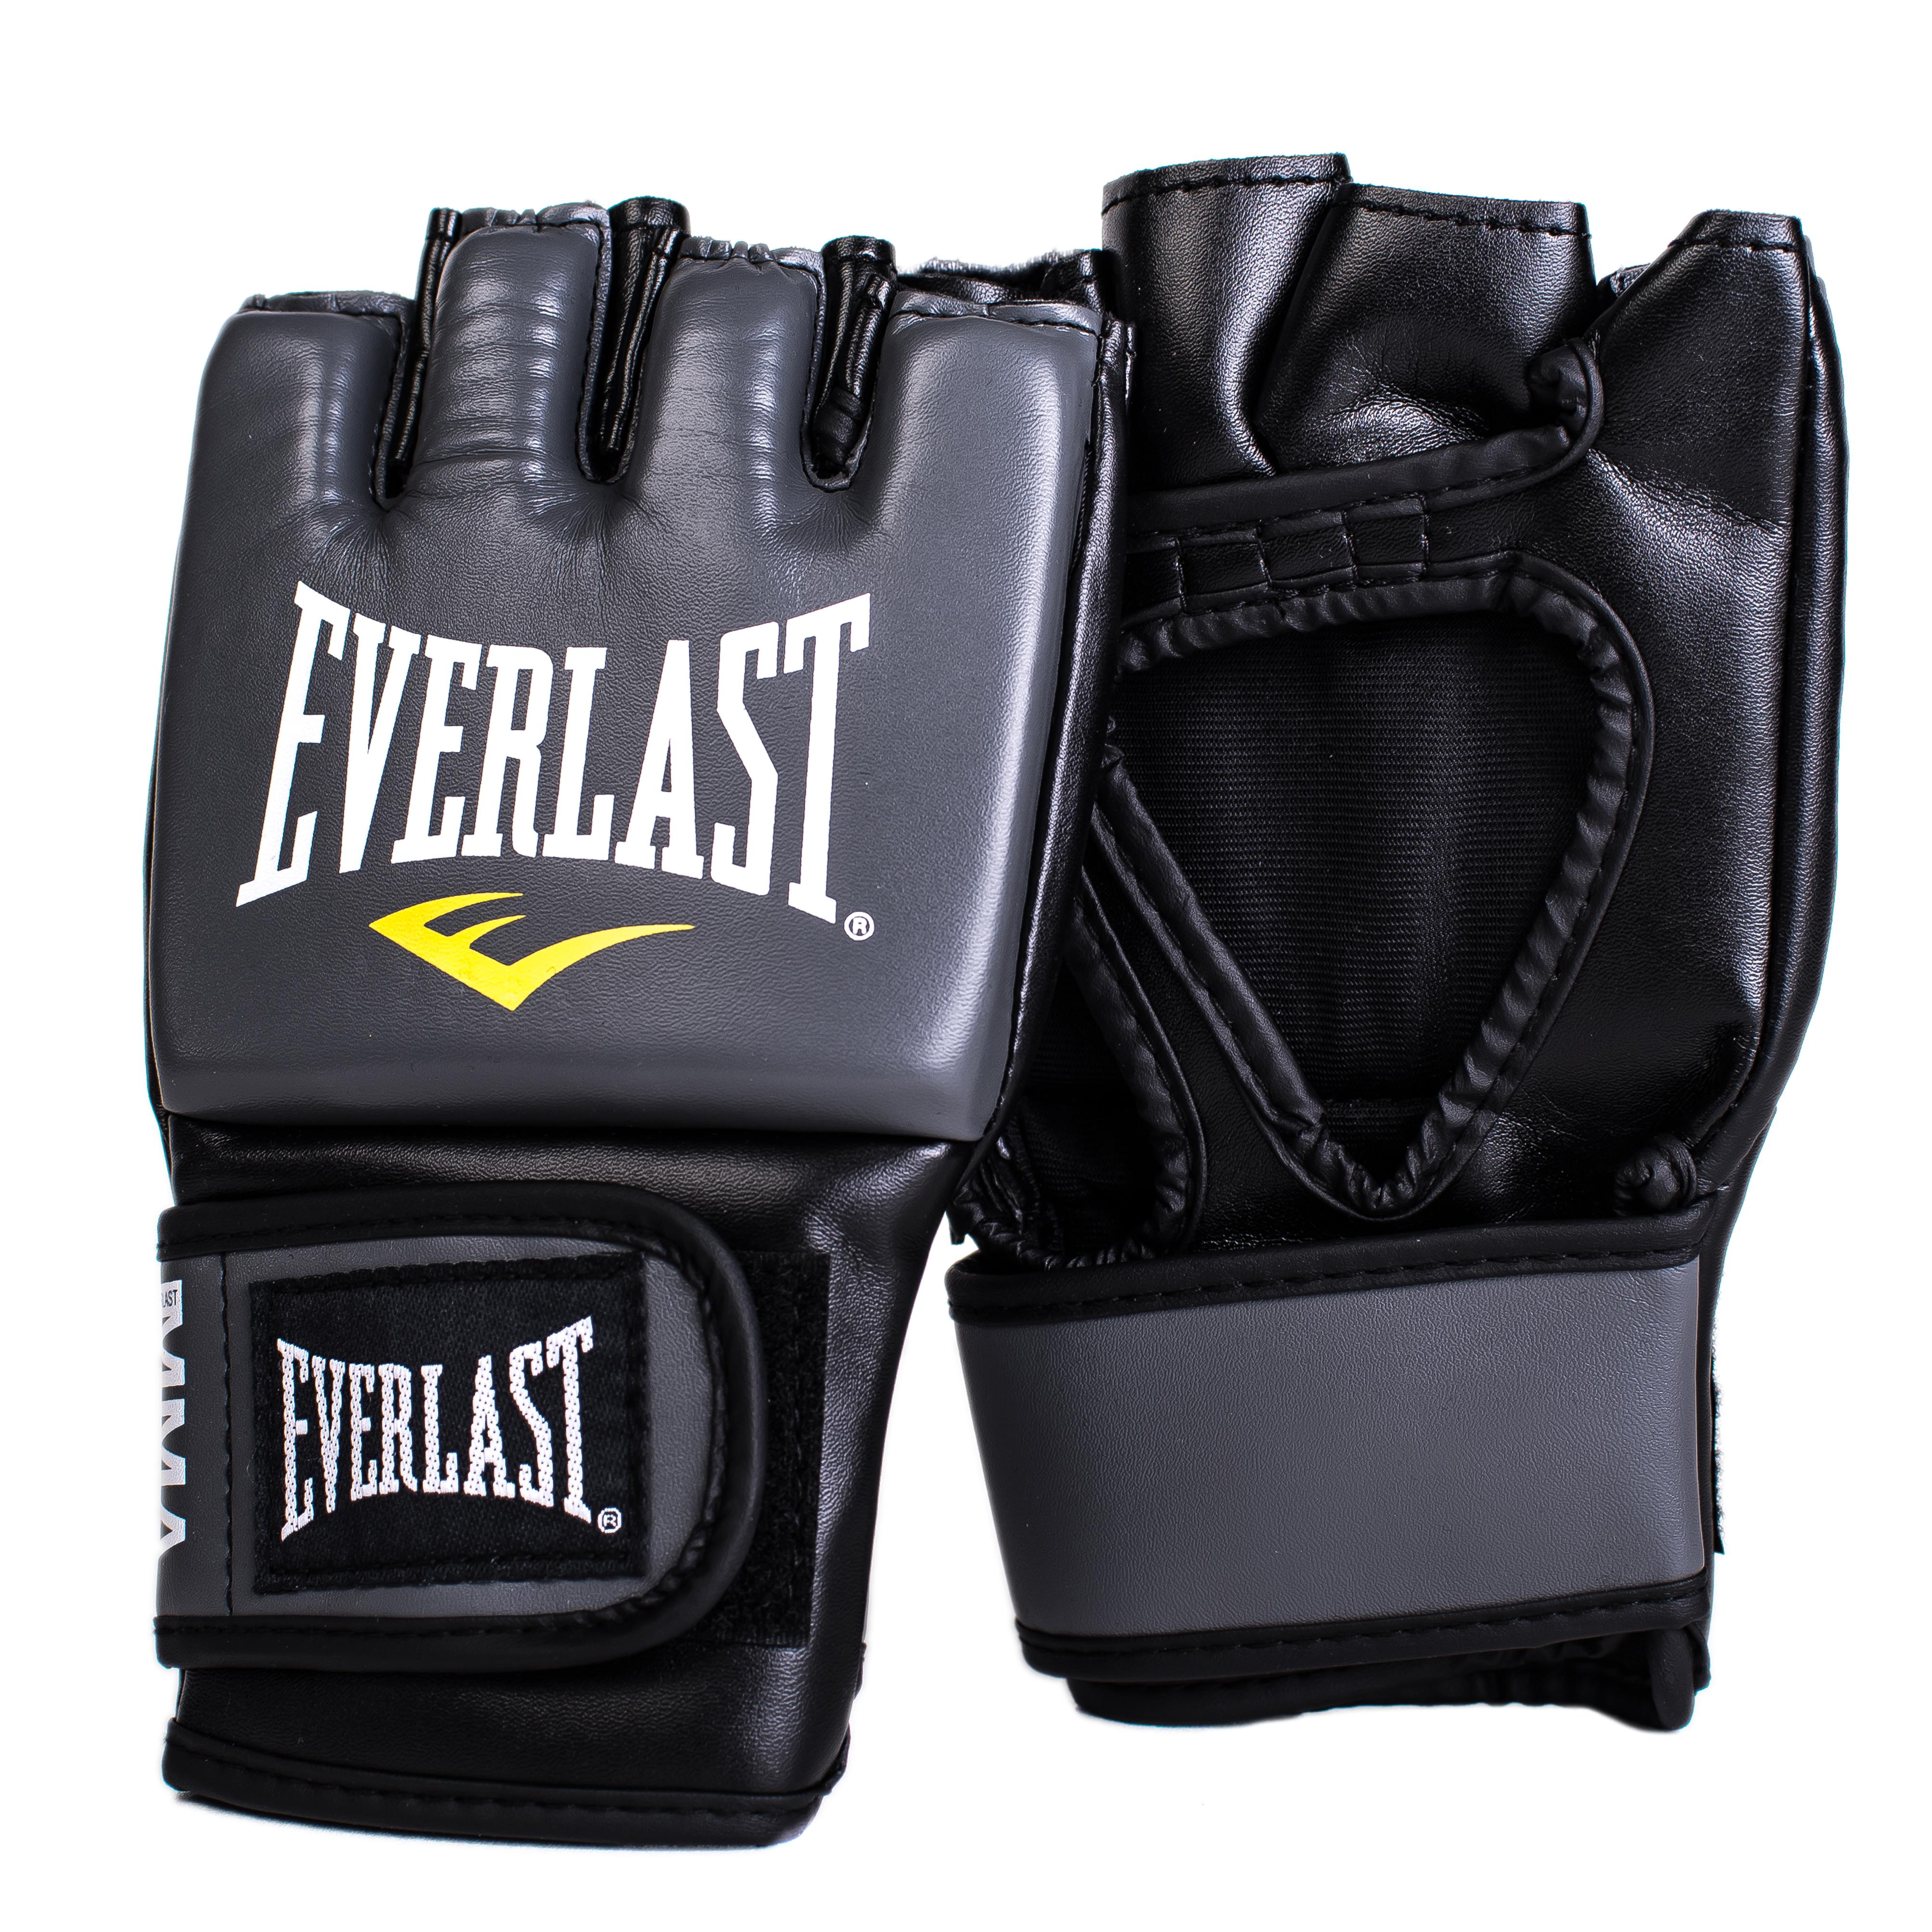 Перчатки тренировочные Everlast Pro Style Grappling, цвет: серый. Размер L/XL7778GLXLUПерчатки Pro Style Grappling в новом дизайне предназначены для смешанных единоборств! Эргономичное строение перчатки позволяет достичь максимальной гибкости и комфорта. Регулируемый ремешок на липучке позволяет подогнать под нужный размер запястья. Перчатки выполнены из высококачественной синтетической кожи.